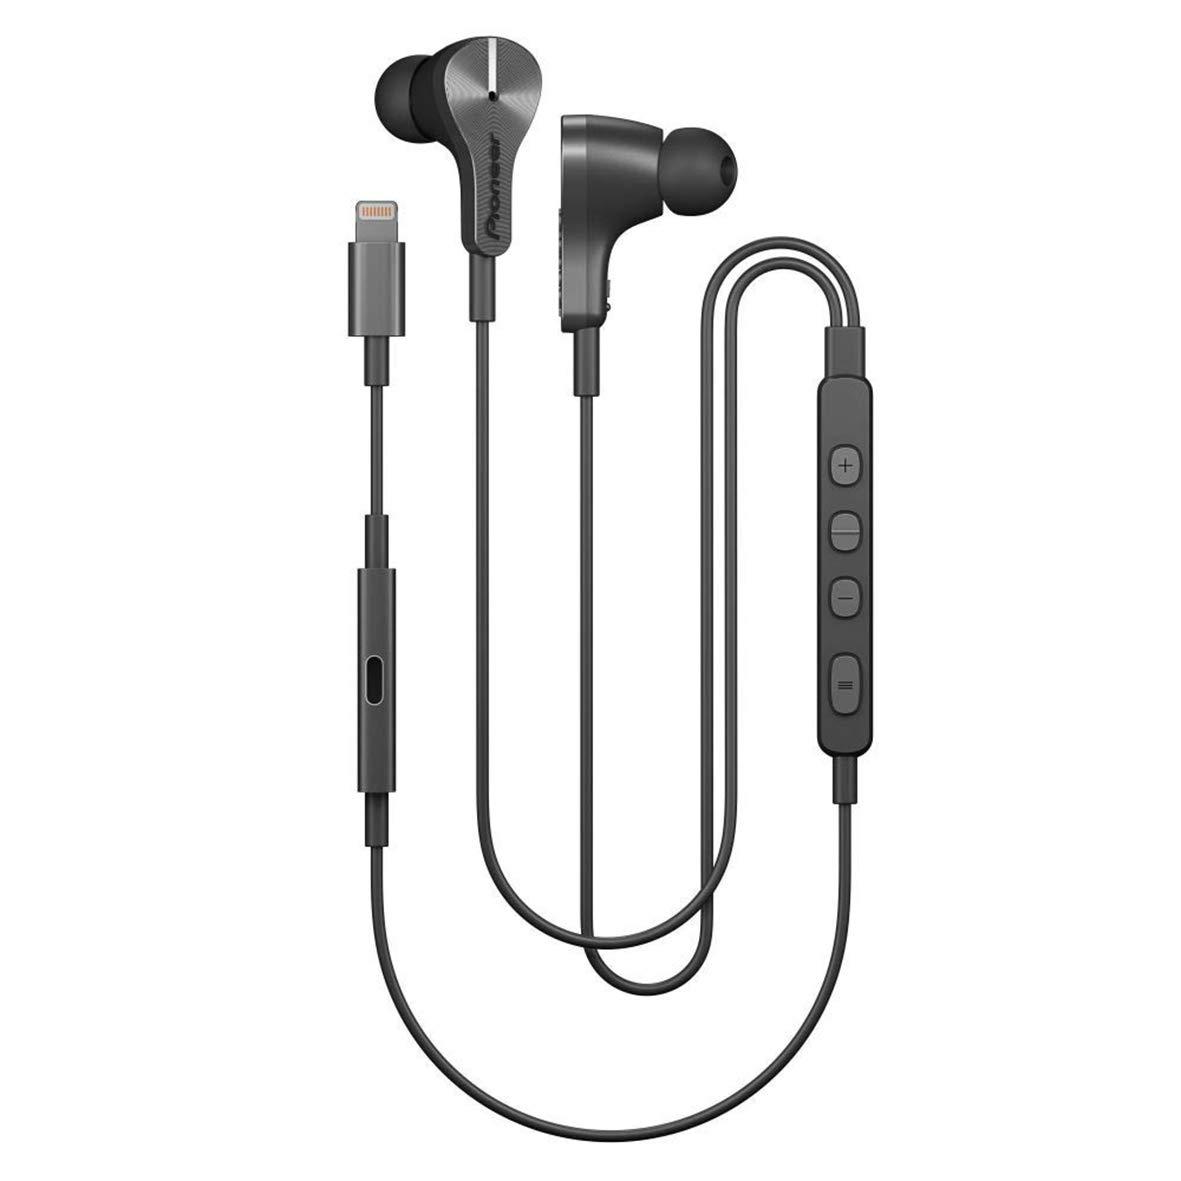 [Amazon oder Cyberport] Pioneer Rayz Plus SE-LTC5R-S In-Ear Kopfhörer mit Lightning-Anschluß graphit